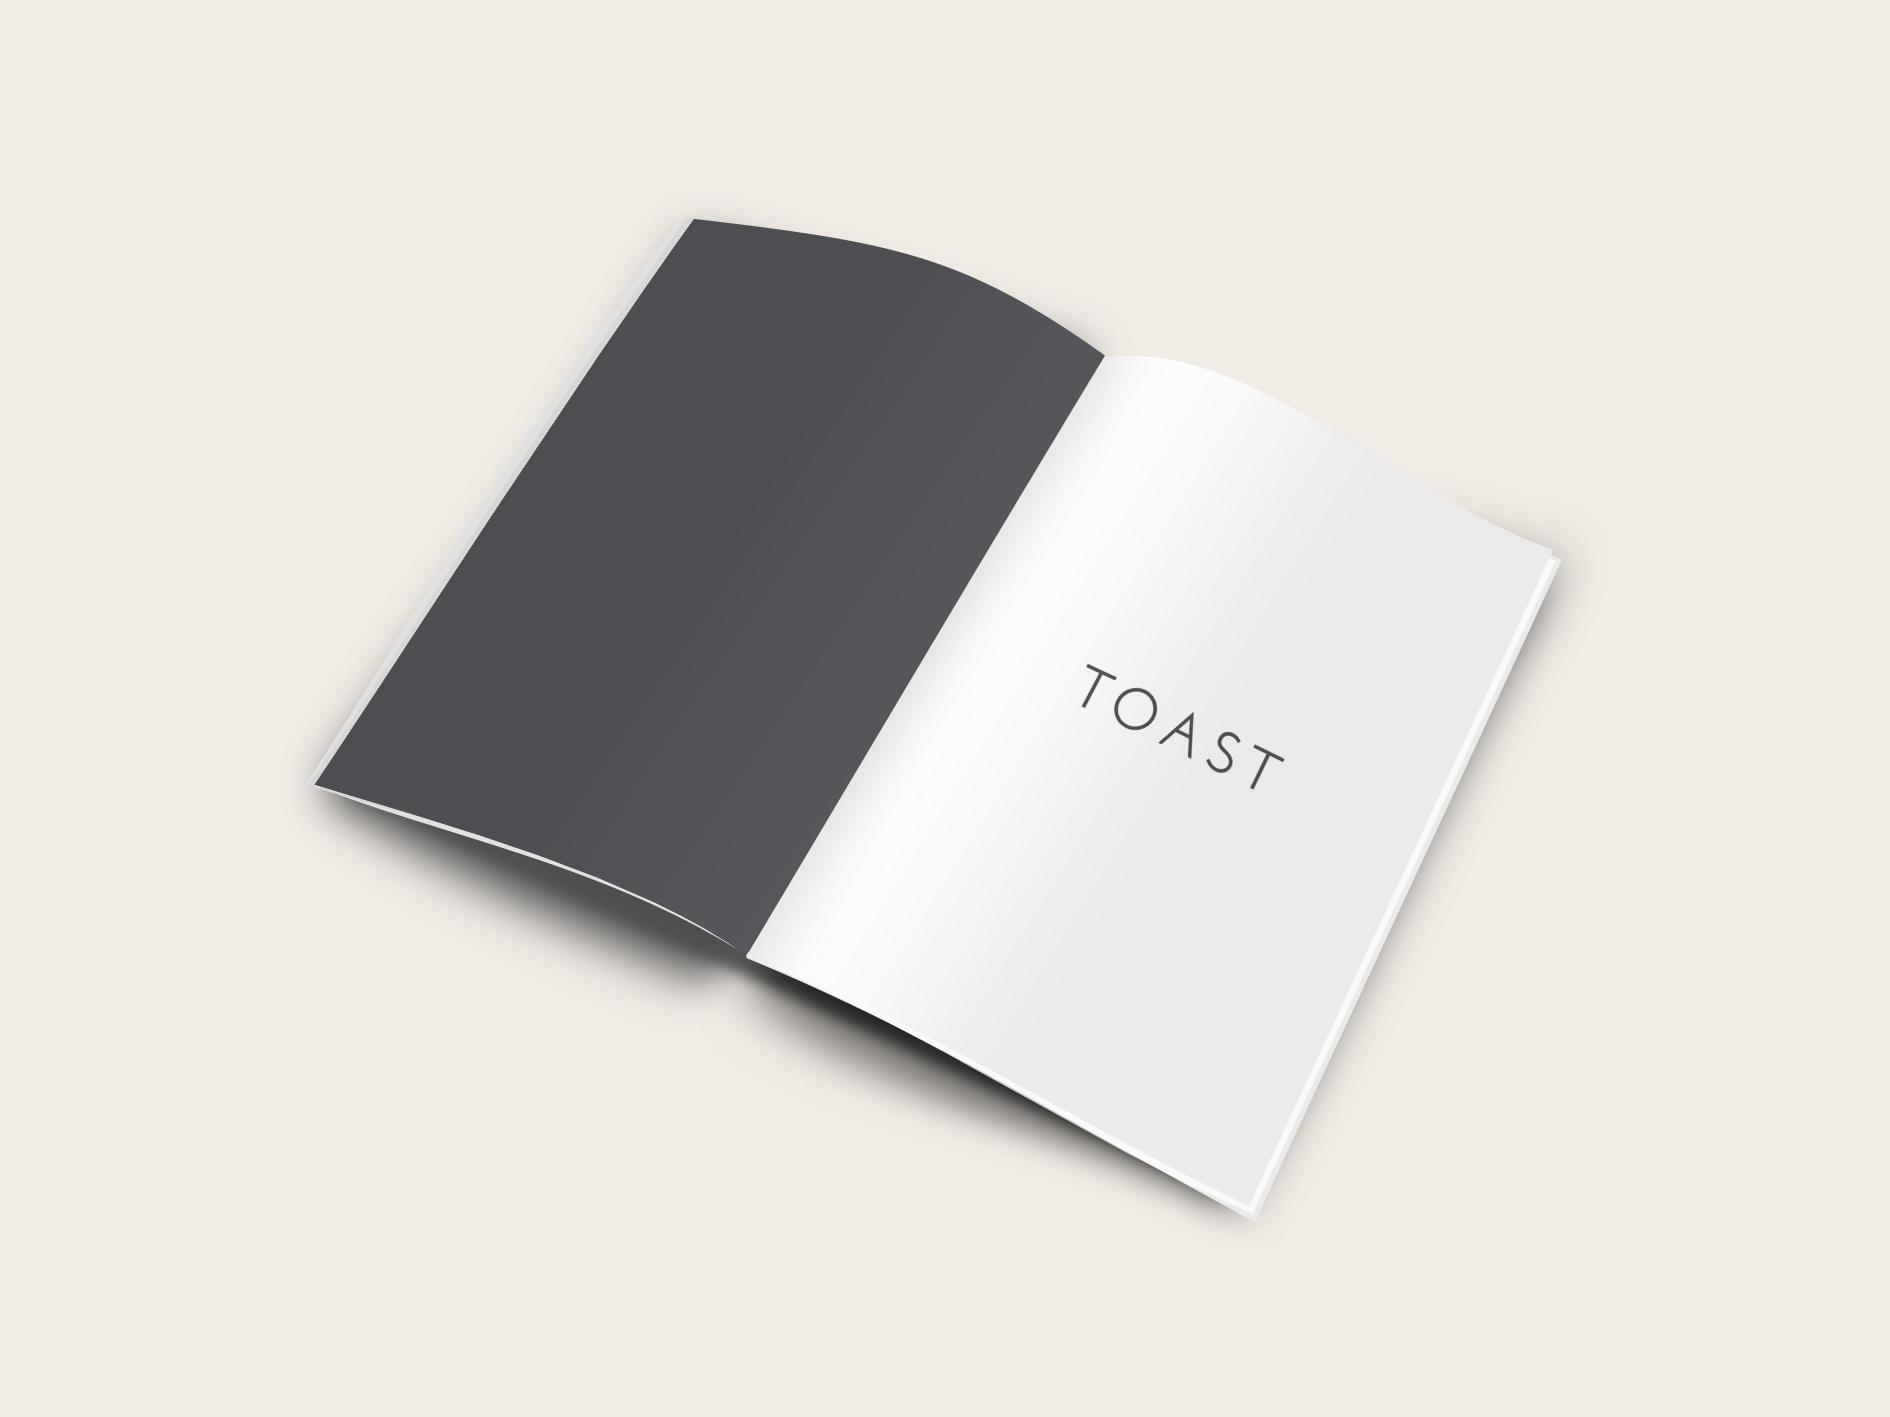 toast-i.jpg